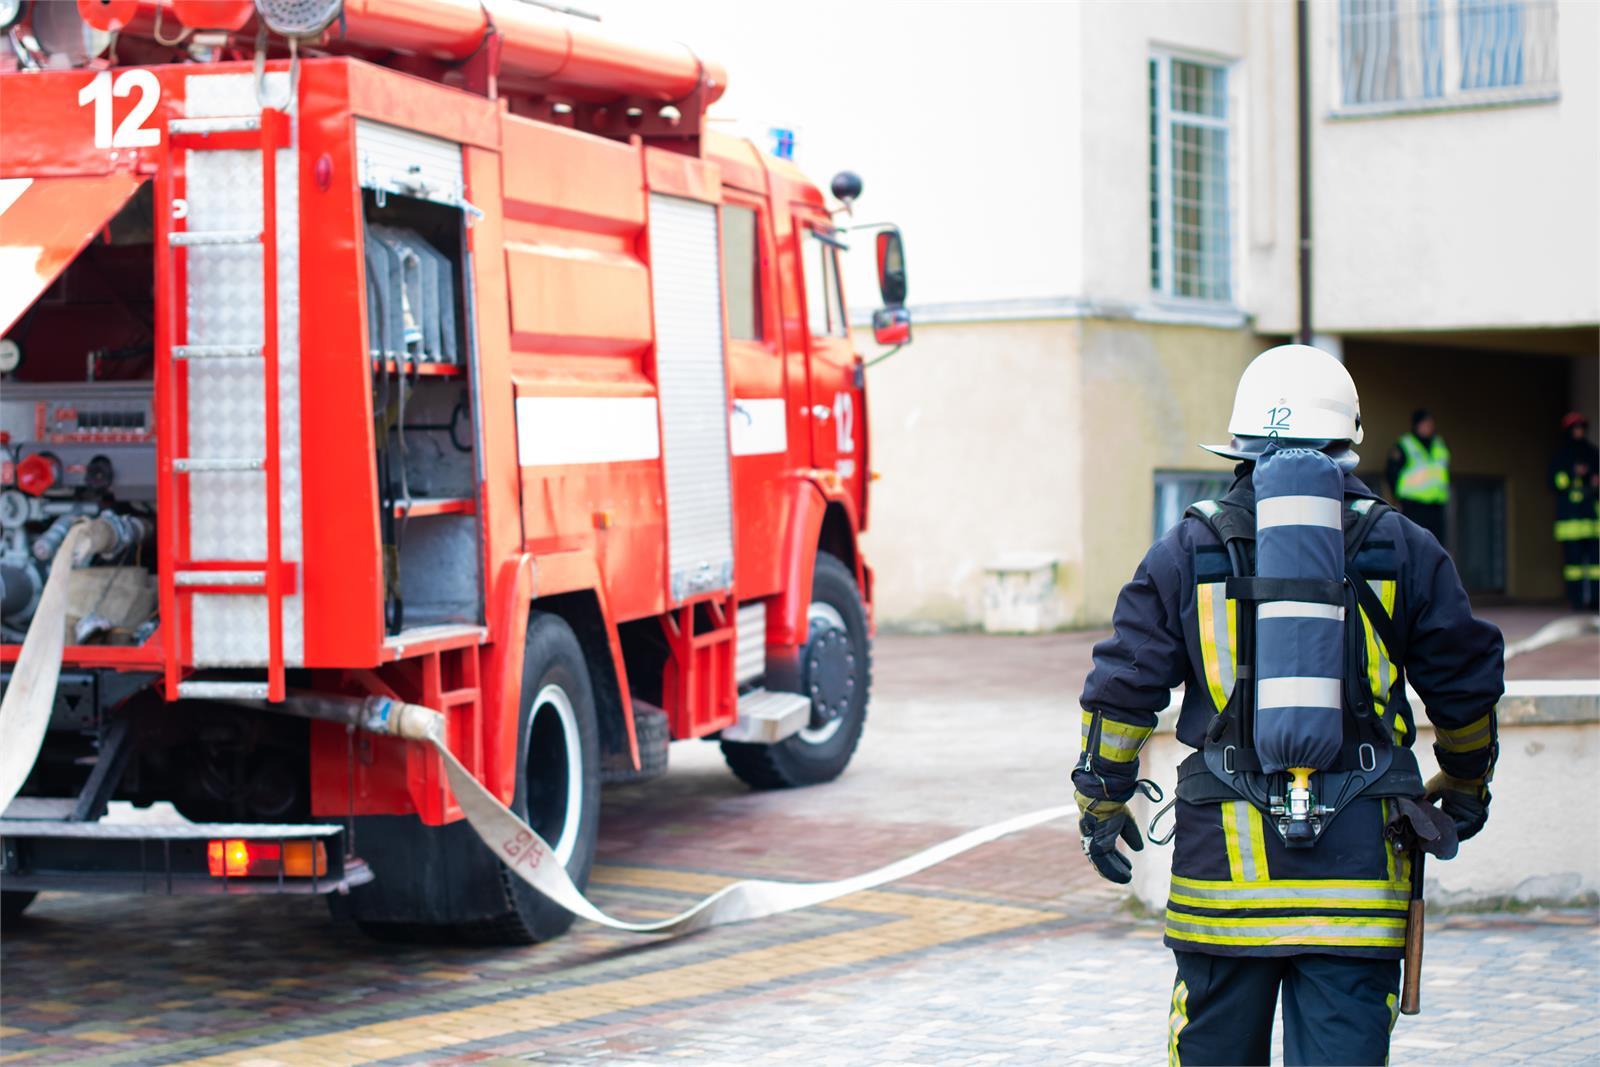 Demo Räddningstjänst för kurser och utbildning